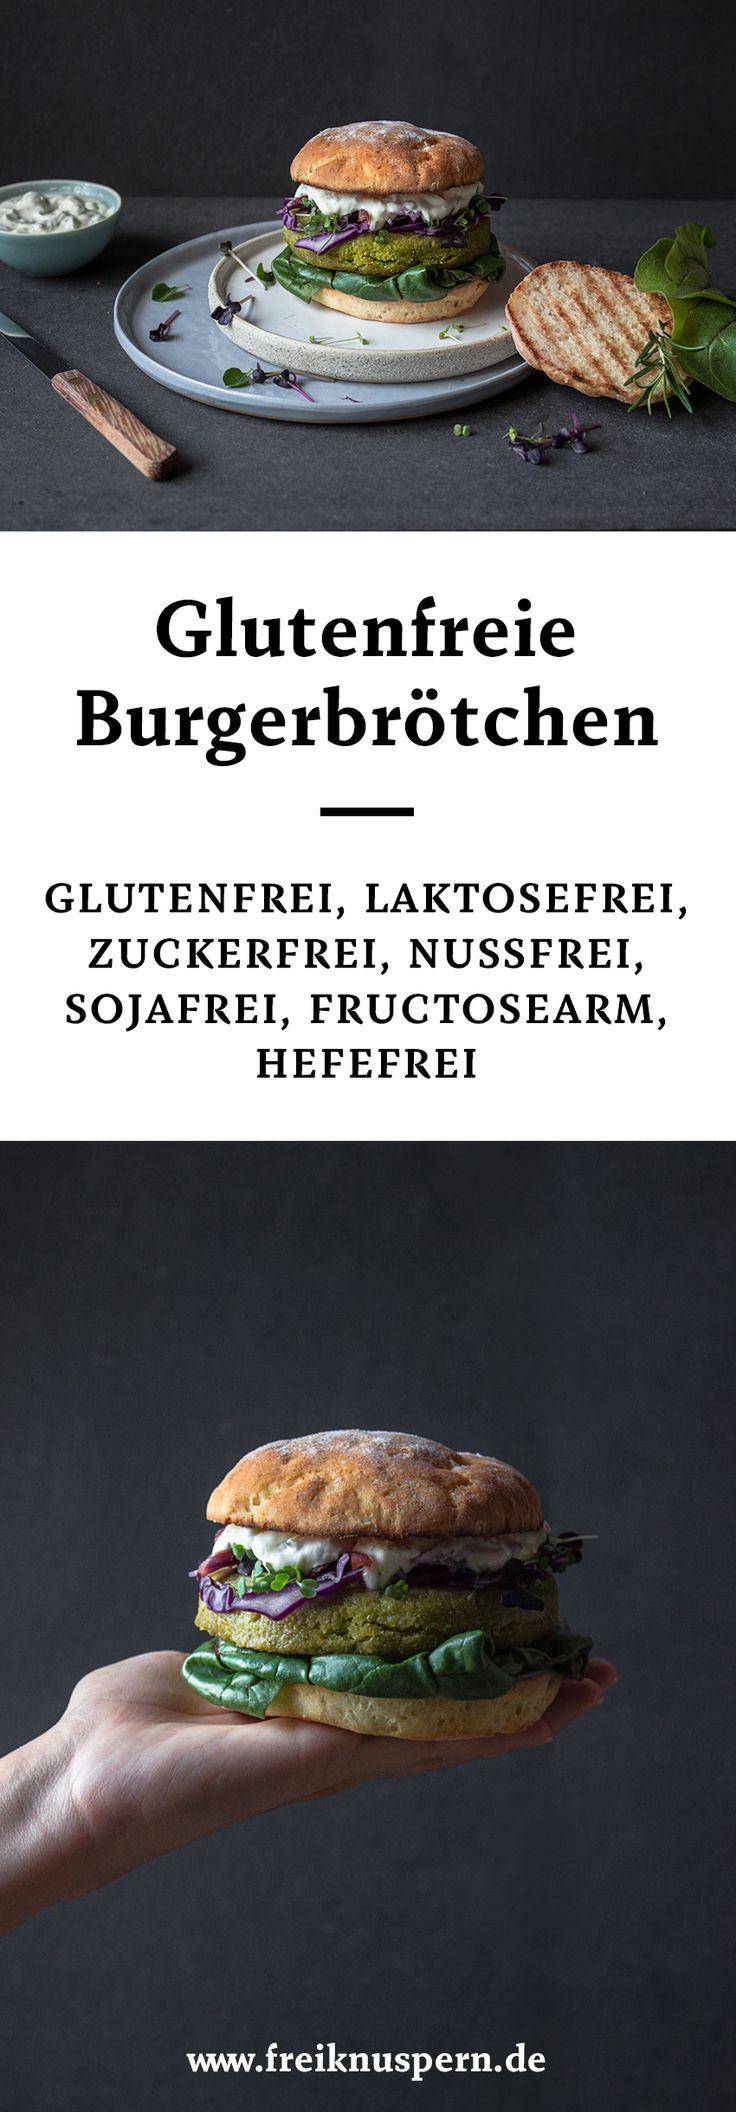 Veggie-Burger mit selbstgemachten Burgerbrötchen